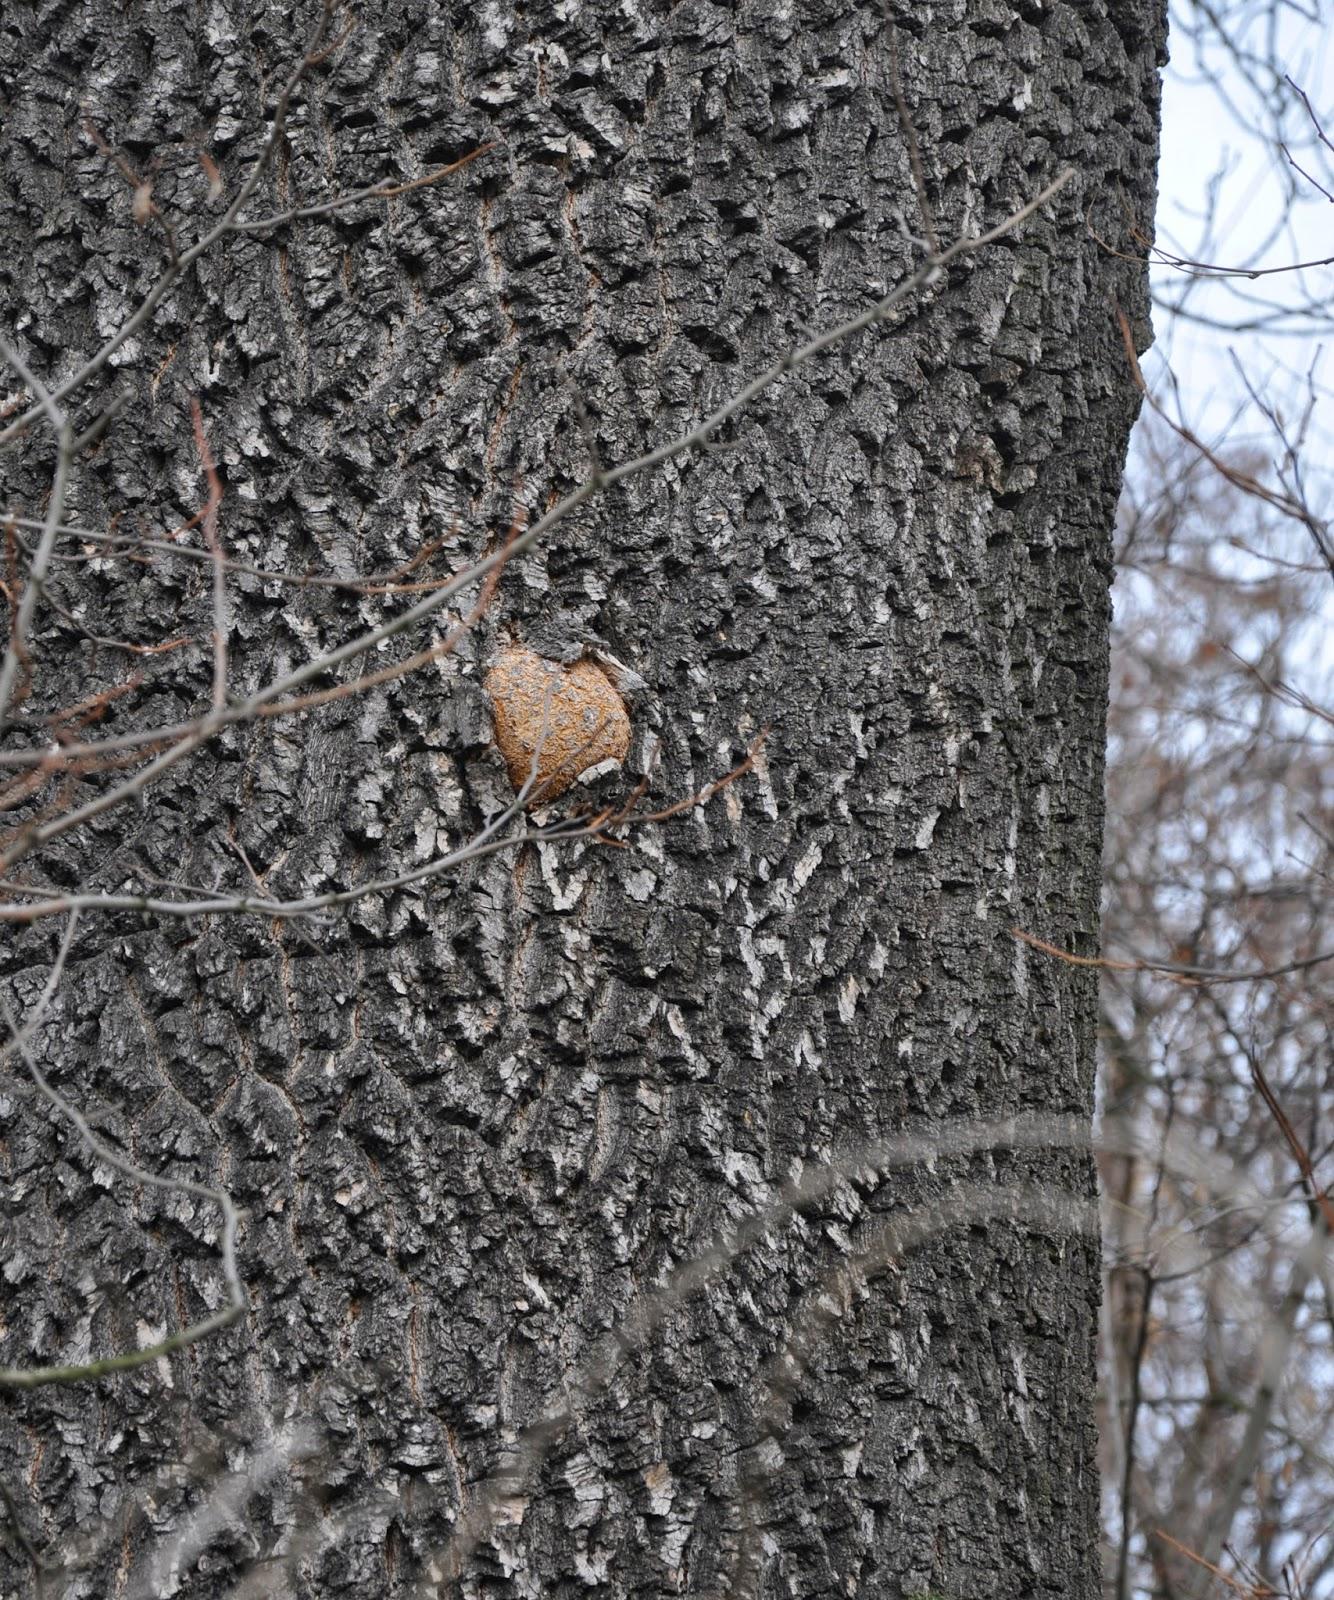 Kościeliska, dzielnica Końskich. Stare drzewa pamiętające wydarzenia sprzed 200 lat (może więcej?). W jednym z nich jest taka swoista kapsuła czasu - wrośnięta kamienna kula. Czytelnicy może ją odszukają? Foto. KW.